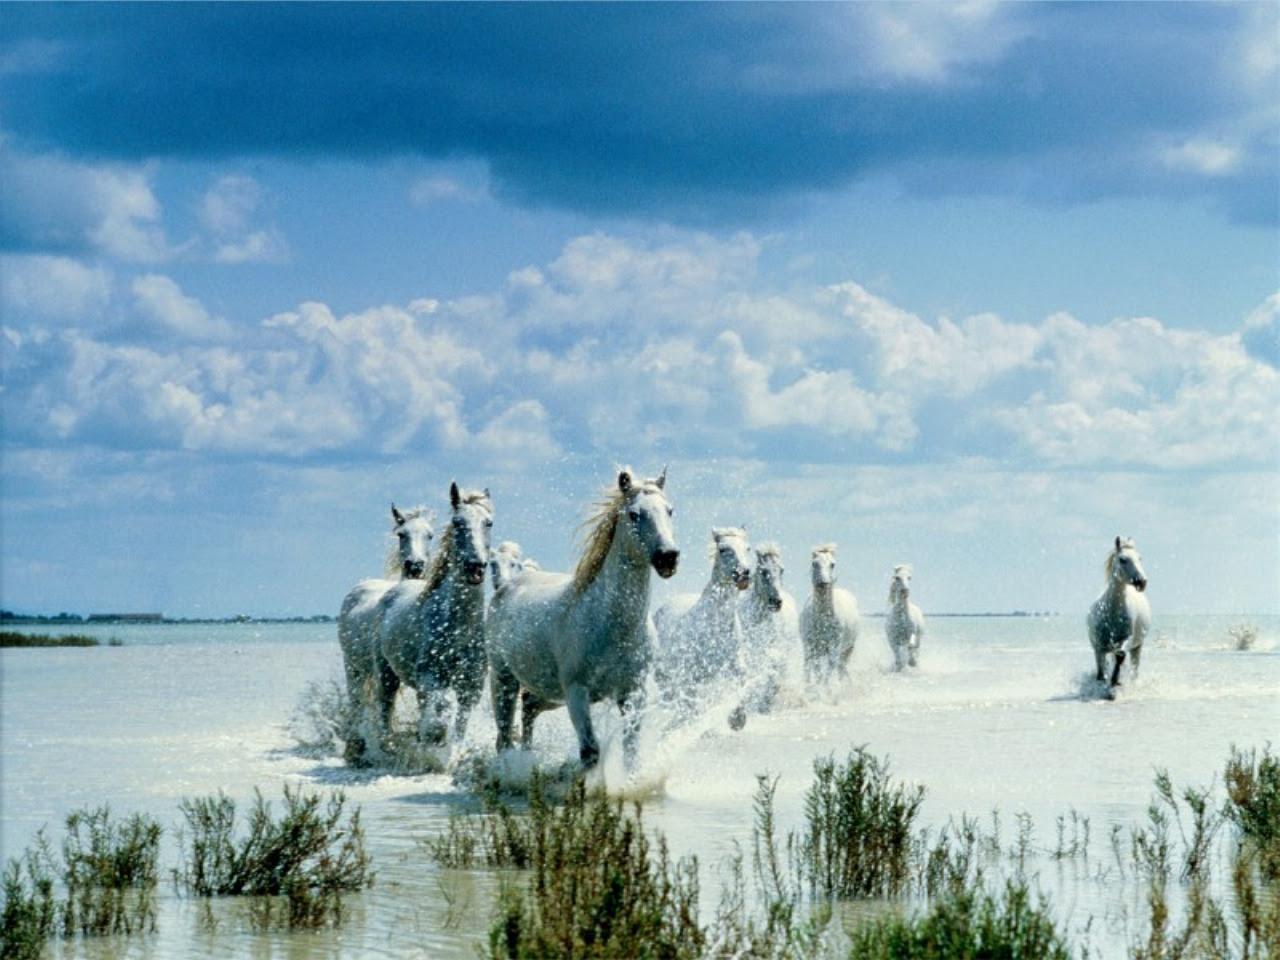 Kuda Alam Yang Indah Wallpaper Fanpop